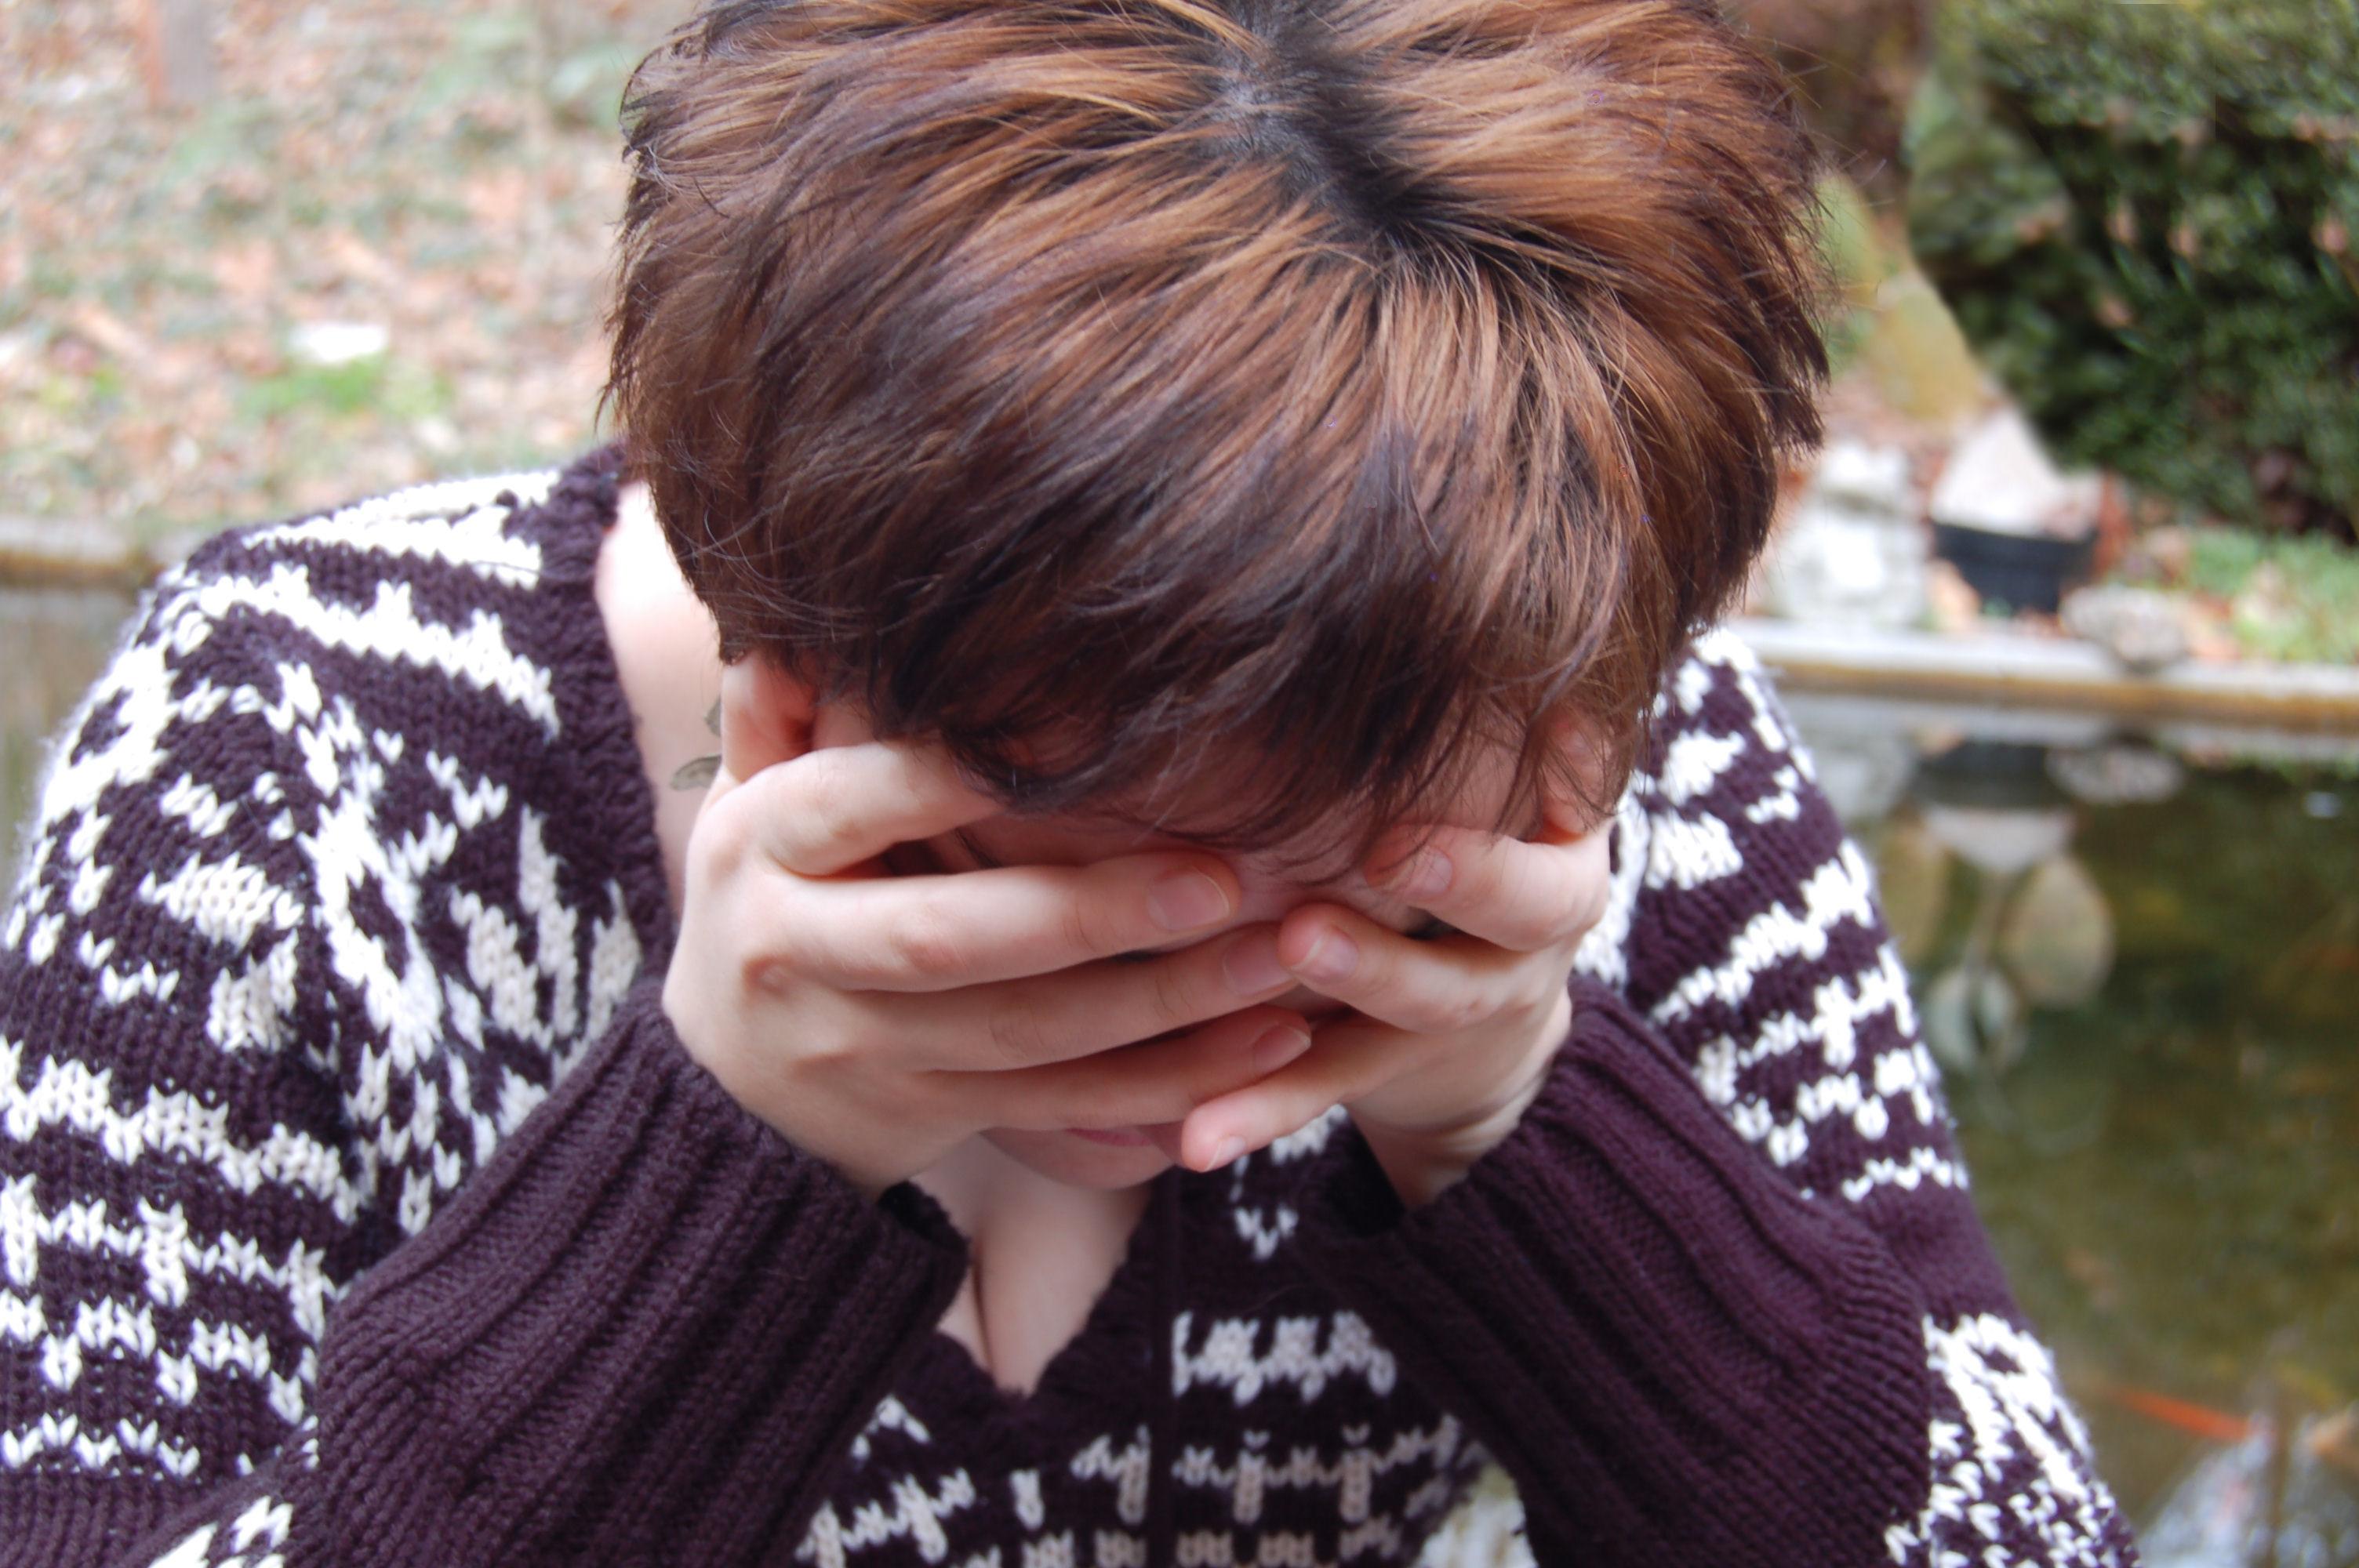 איך לחץ נפשי כרוני יכול להרוס את הבריאות שלך